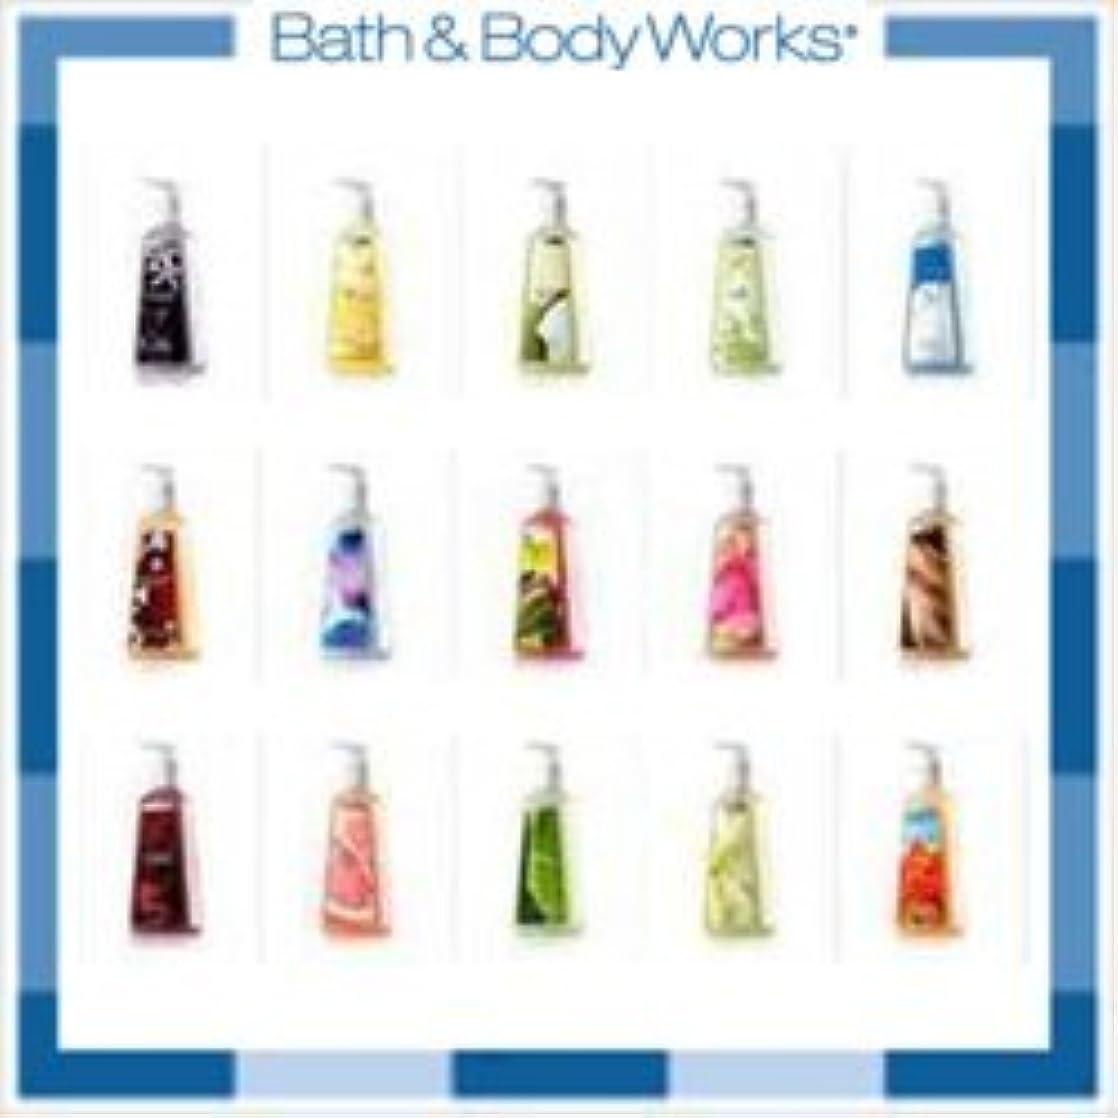 敬な料理頻繁にBath and Body Works ハンドソープ ディープクレンジング 12本詰め合わせセット[海外直送品]